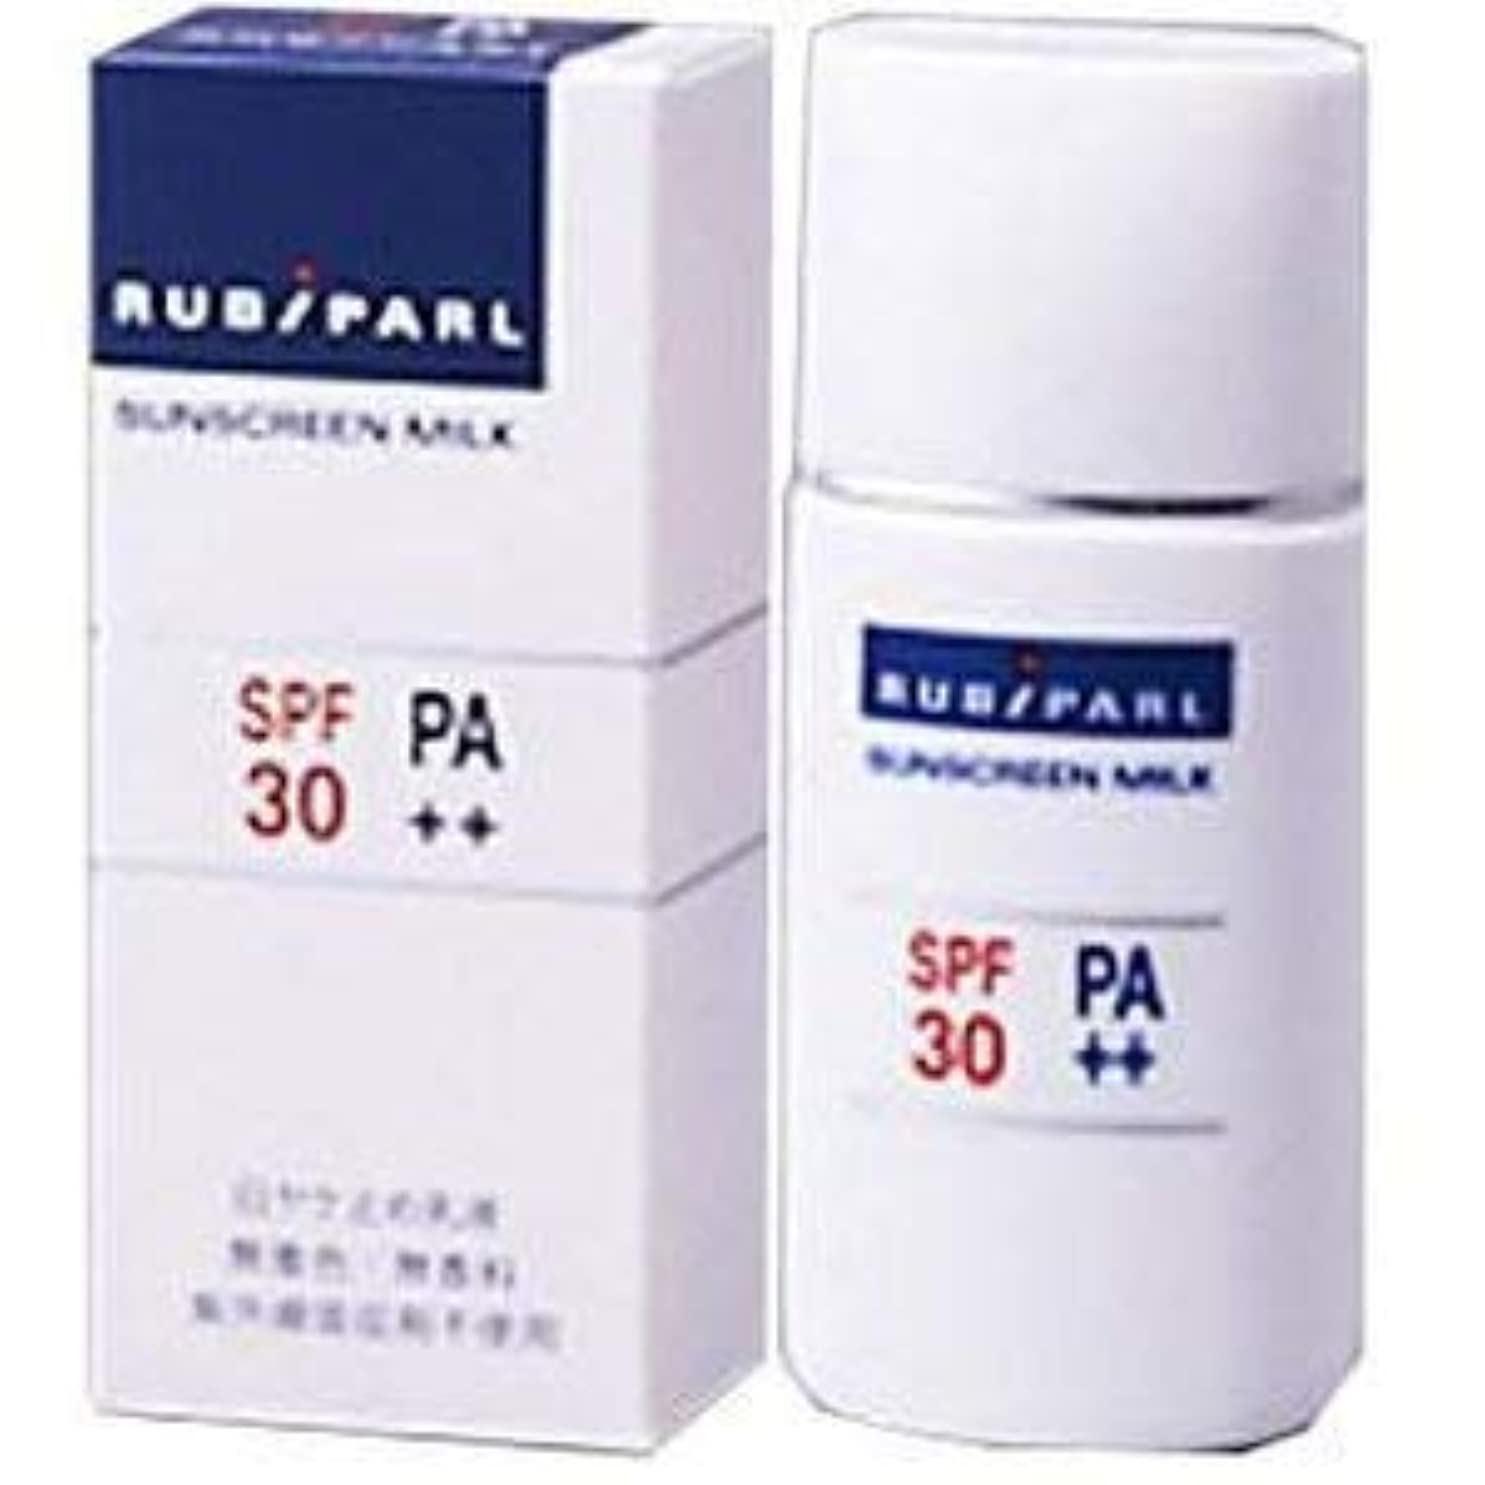 手ヨーグルト疲れたルビパール サンスクリーンミルク 日ヤケ止め乳液 SPF30 PA++ 30mLx3個セット